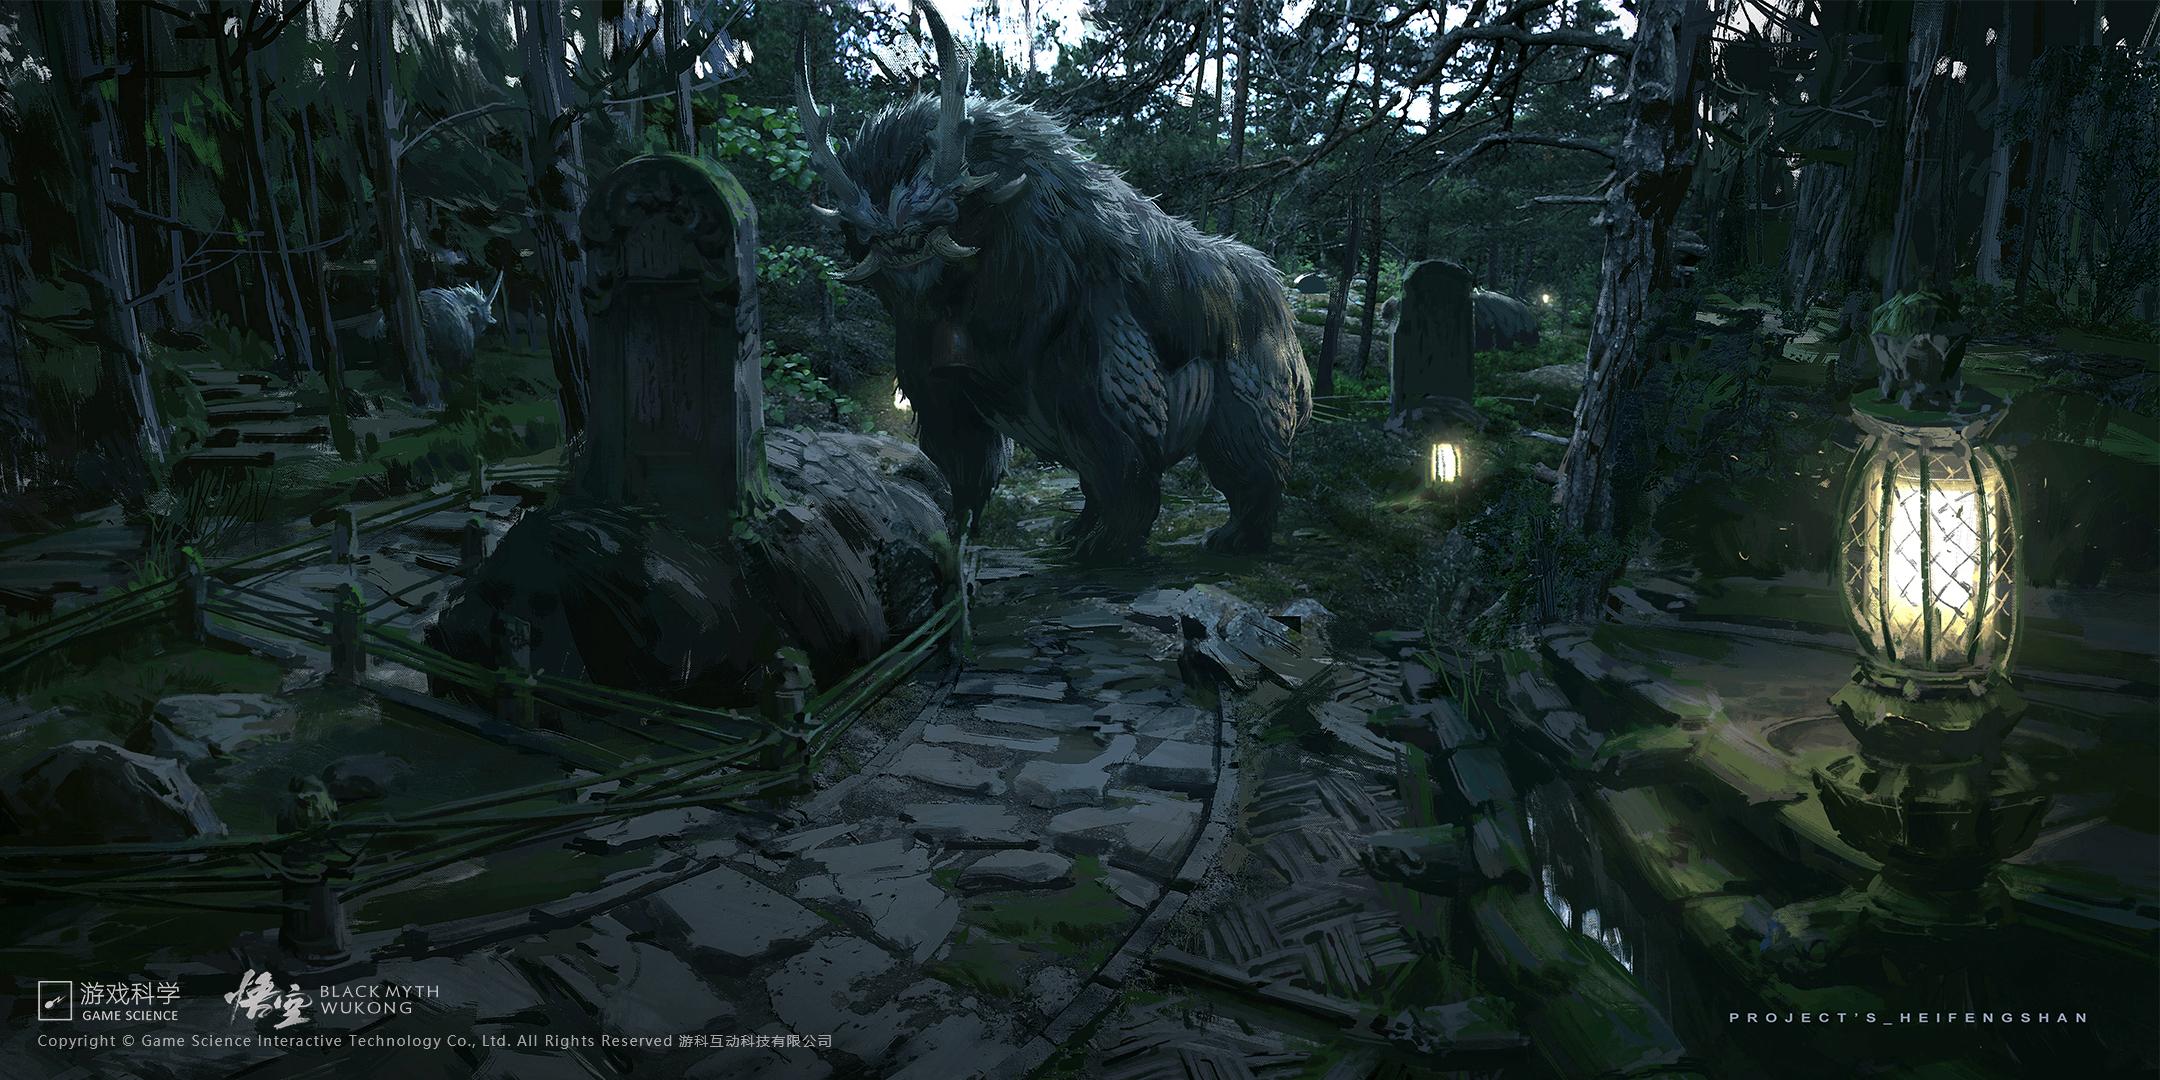 Black Myth: Wu Kong annunciato per Console e PC 27